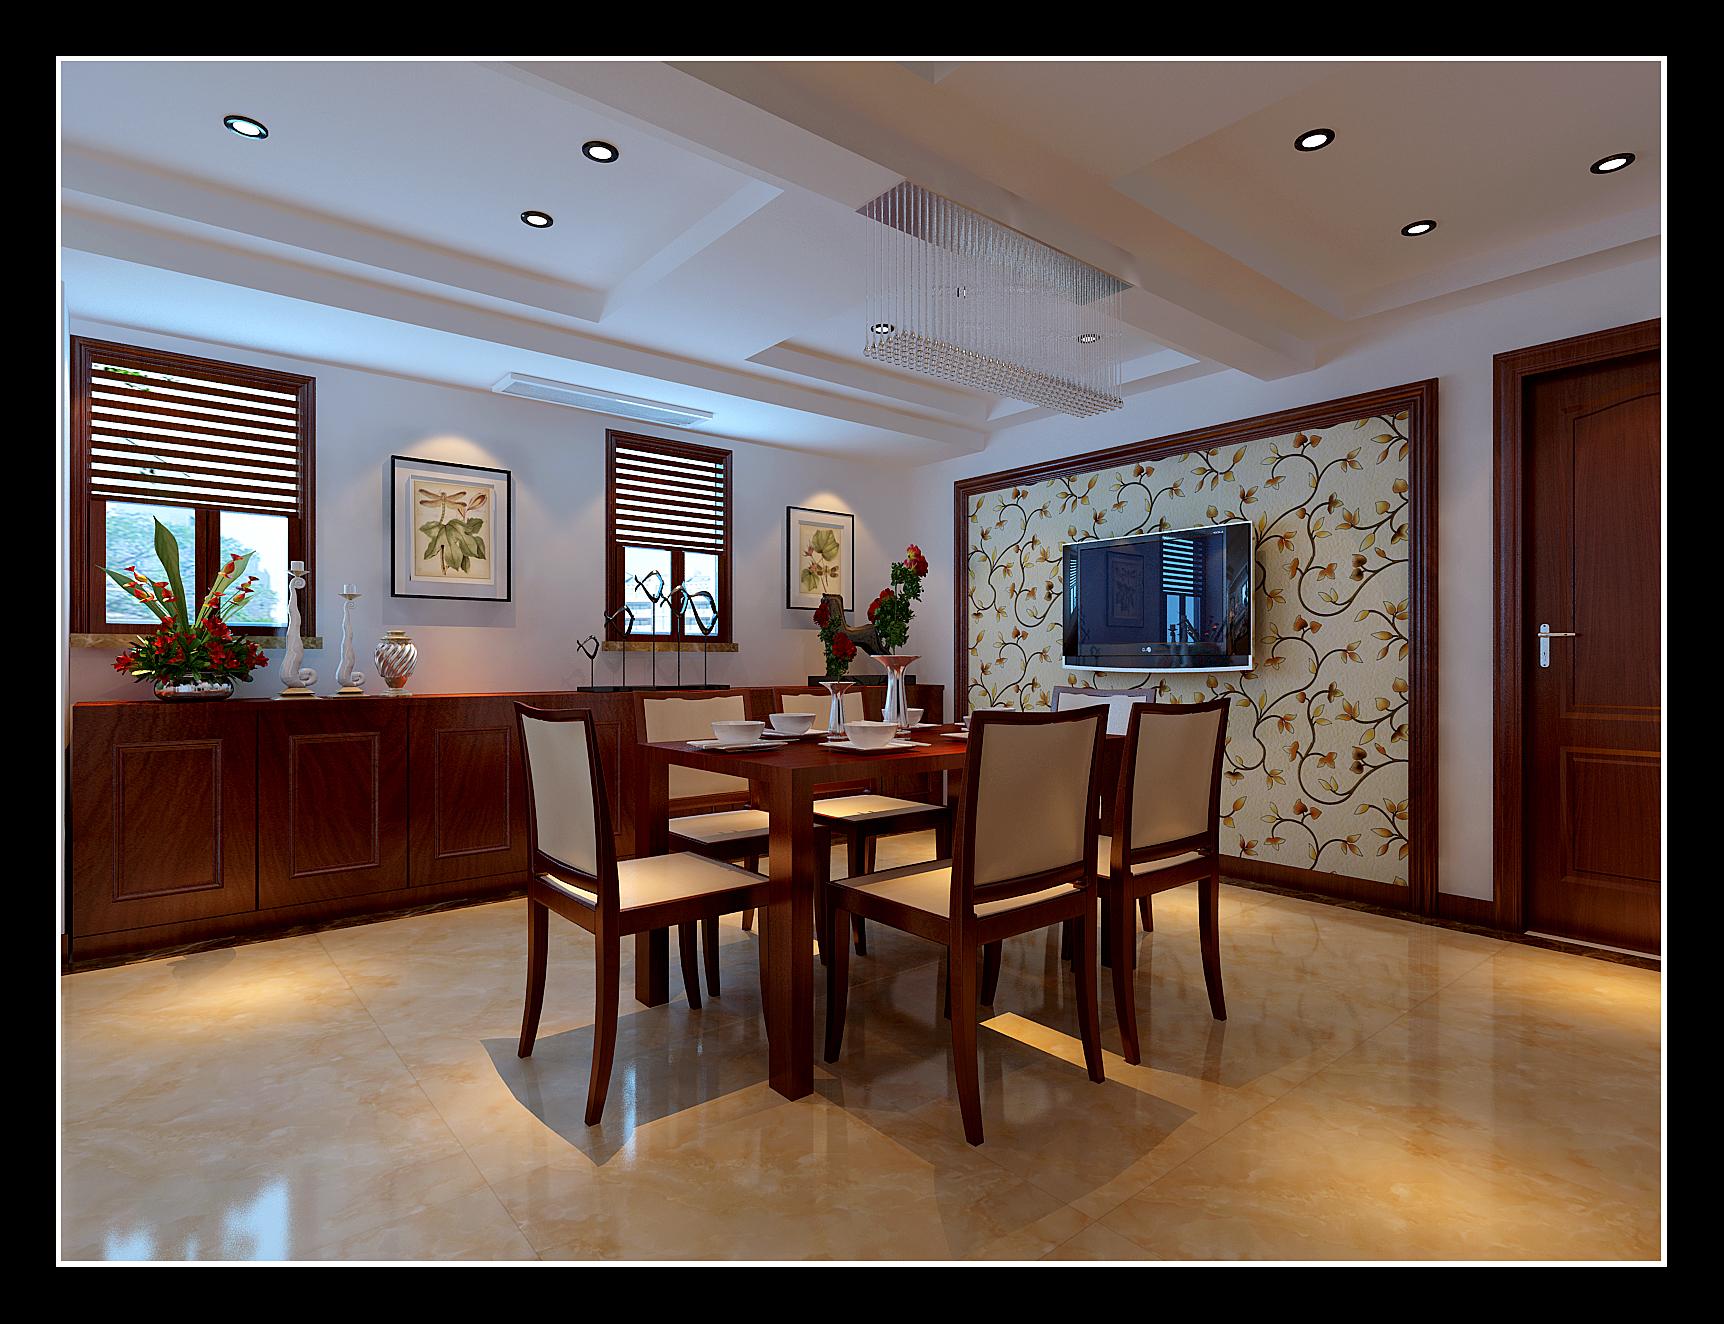 办公室 家居 起居室 设计 装修 1724_1324